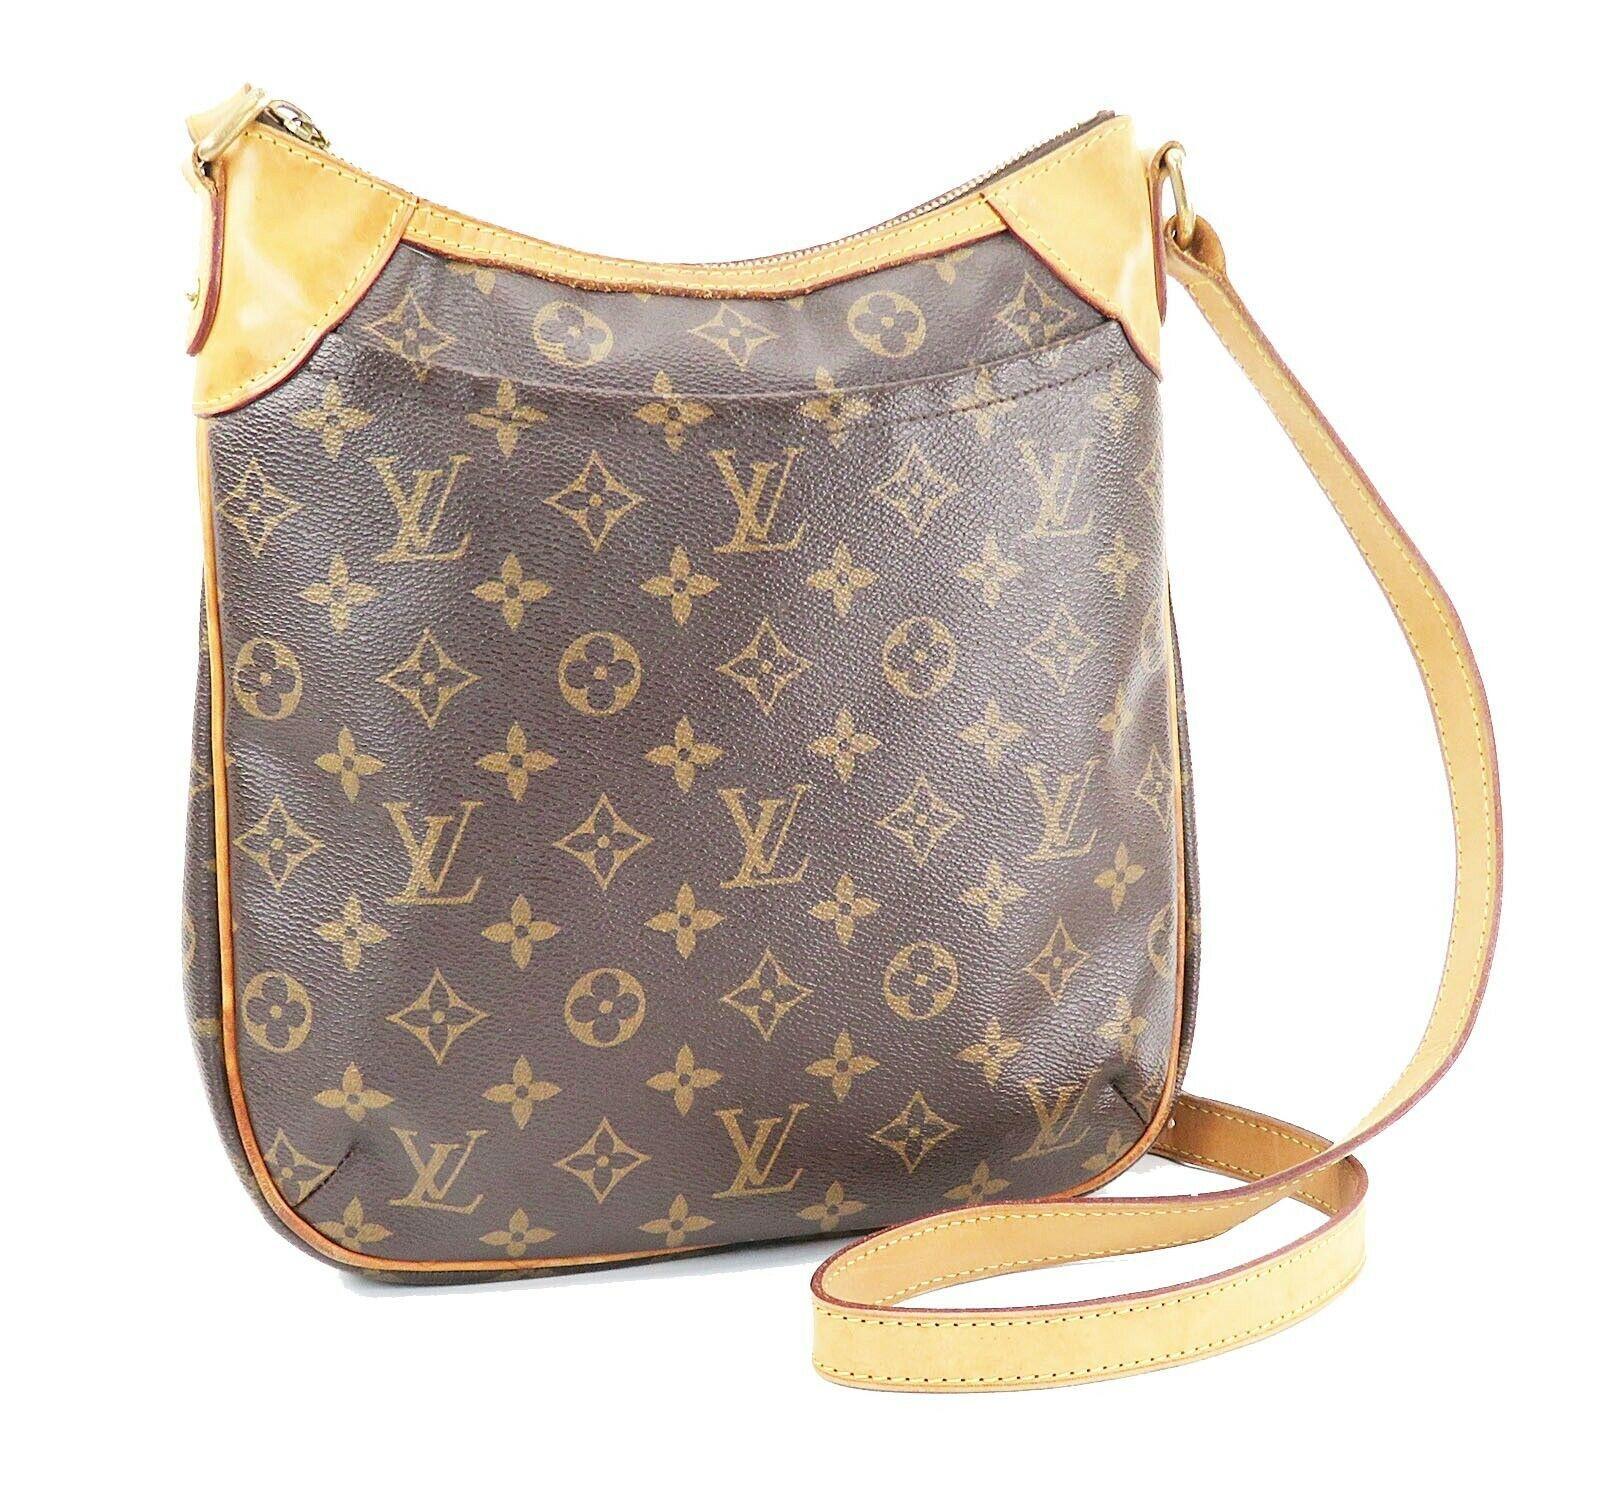 Authentic LOUIS VUITTON Odeon PM Monogram Shoulder Tote Bag Purse #32116